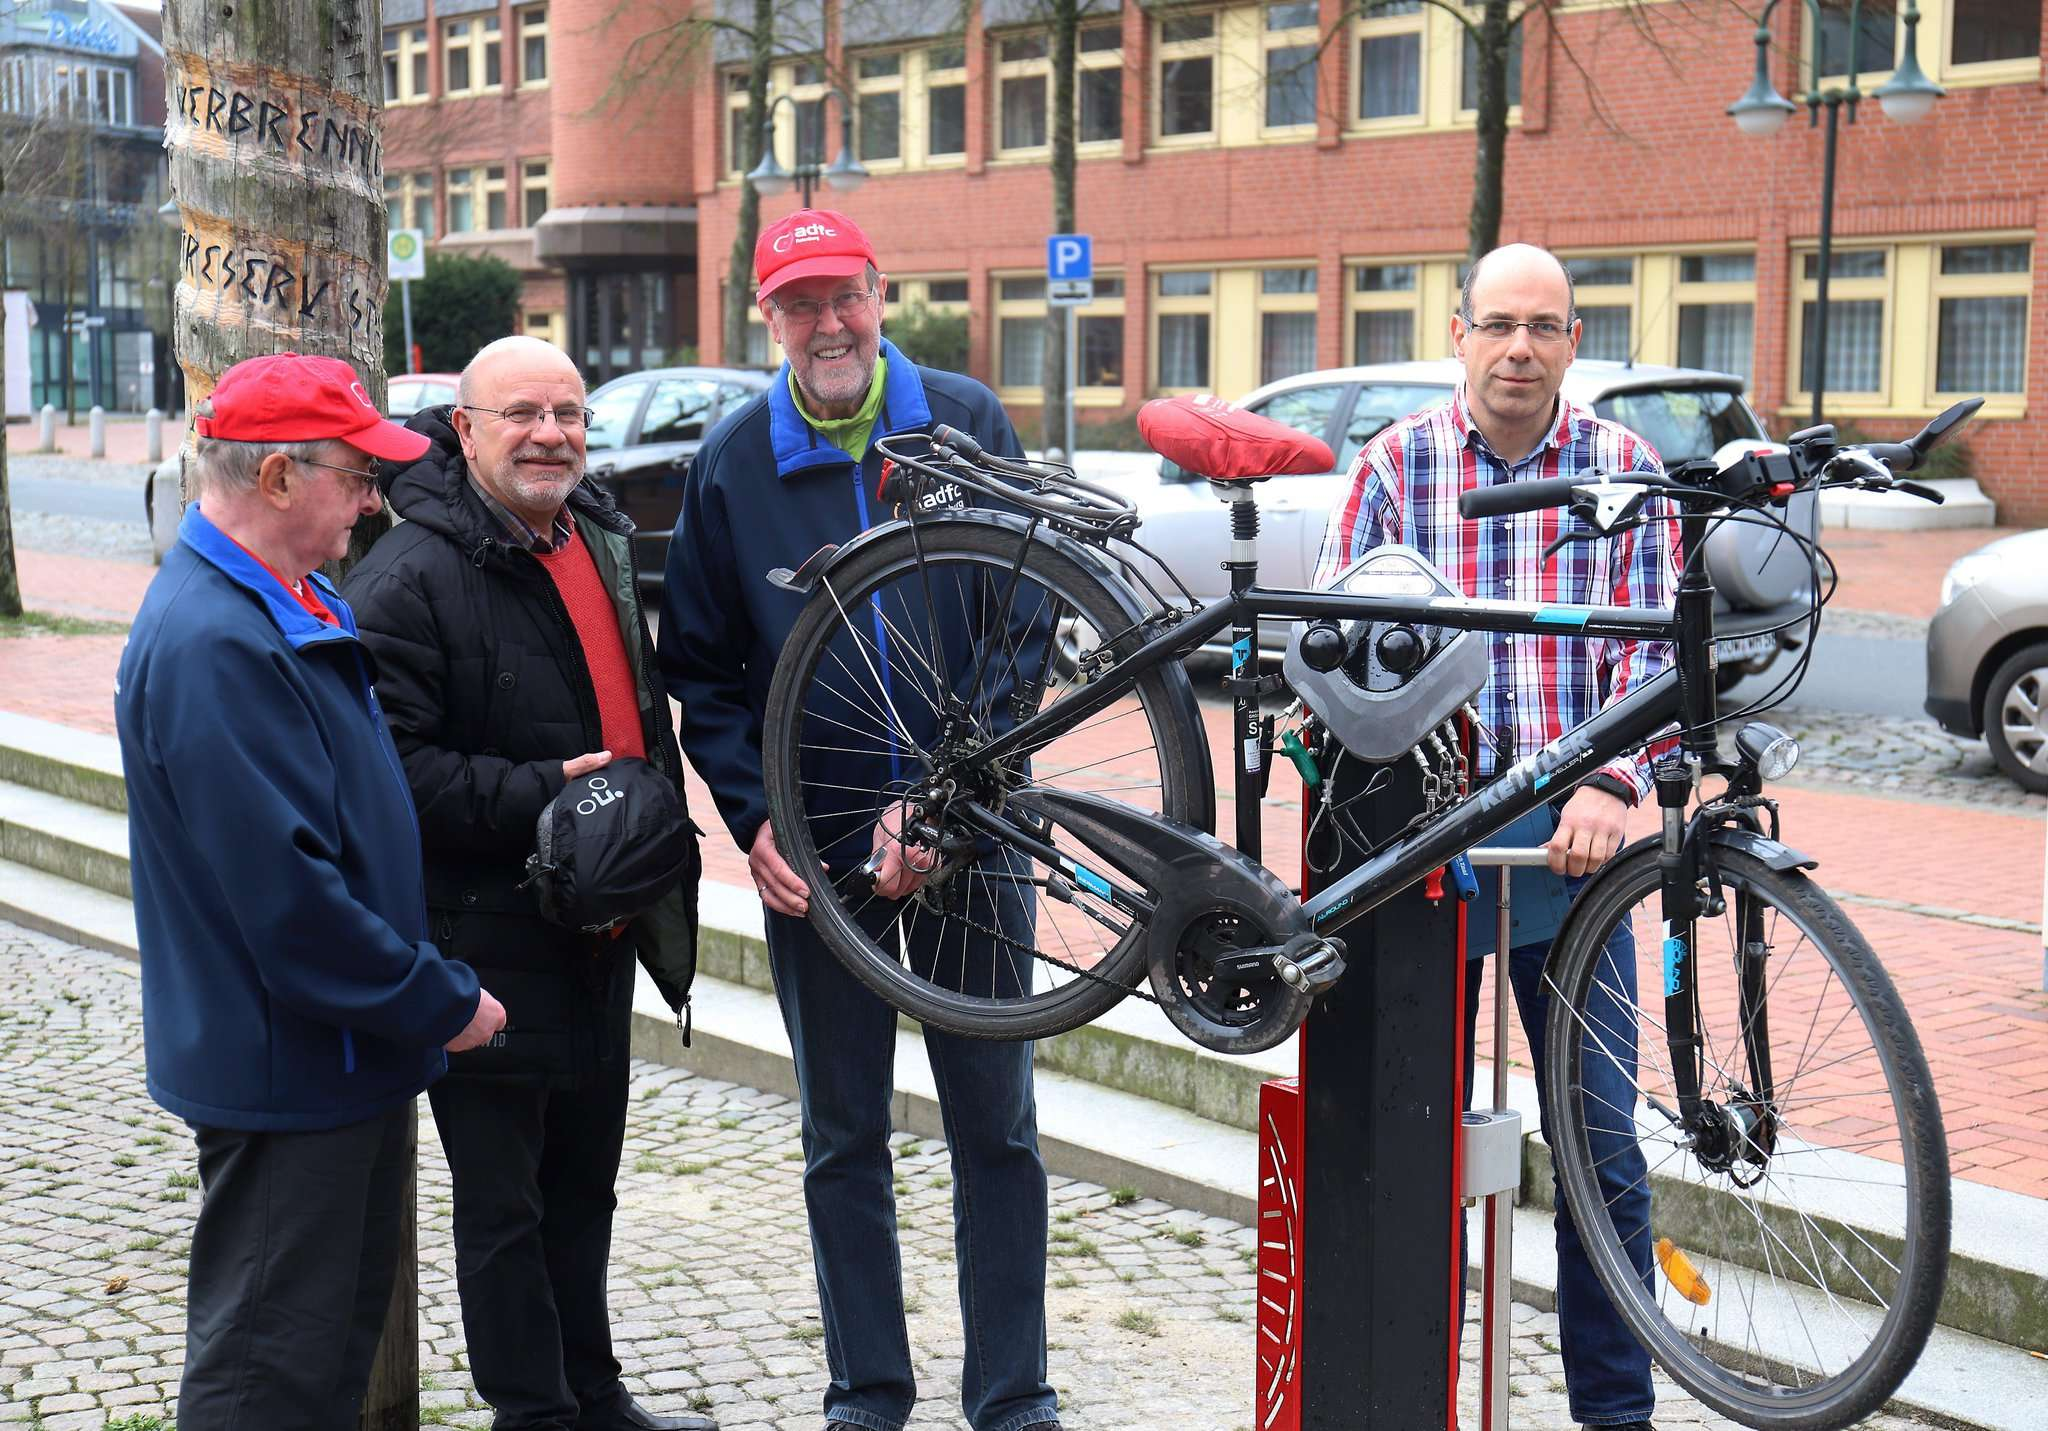 Aufgehängt und repariert: Wilfried Petschel (von links), Hans Eckert, Manfred Petersen und Uwe Knabe testen die neue Fahrrad-Reparaturstation.